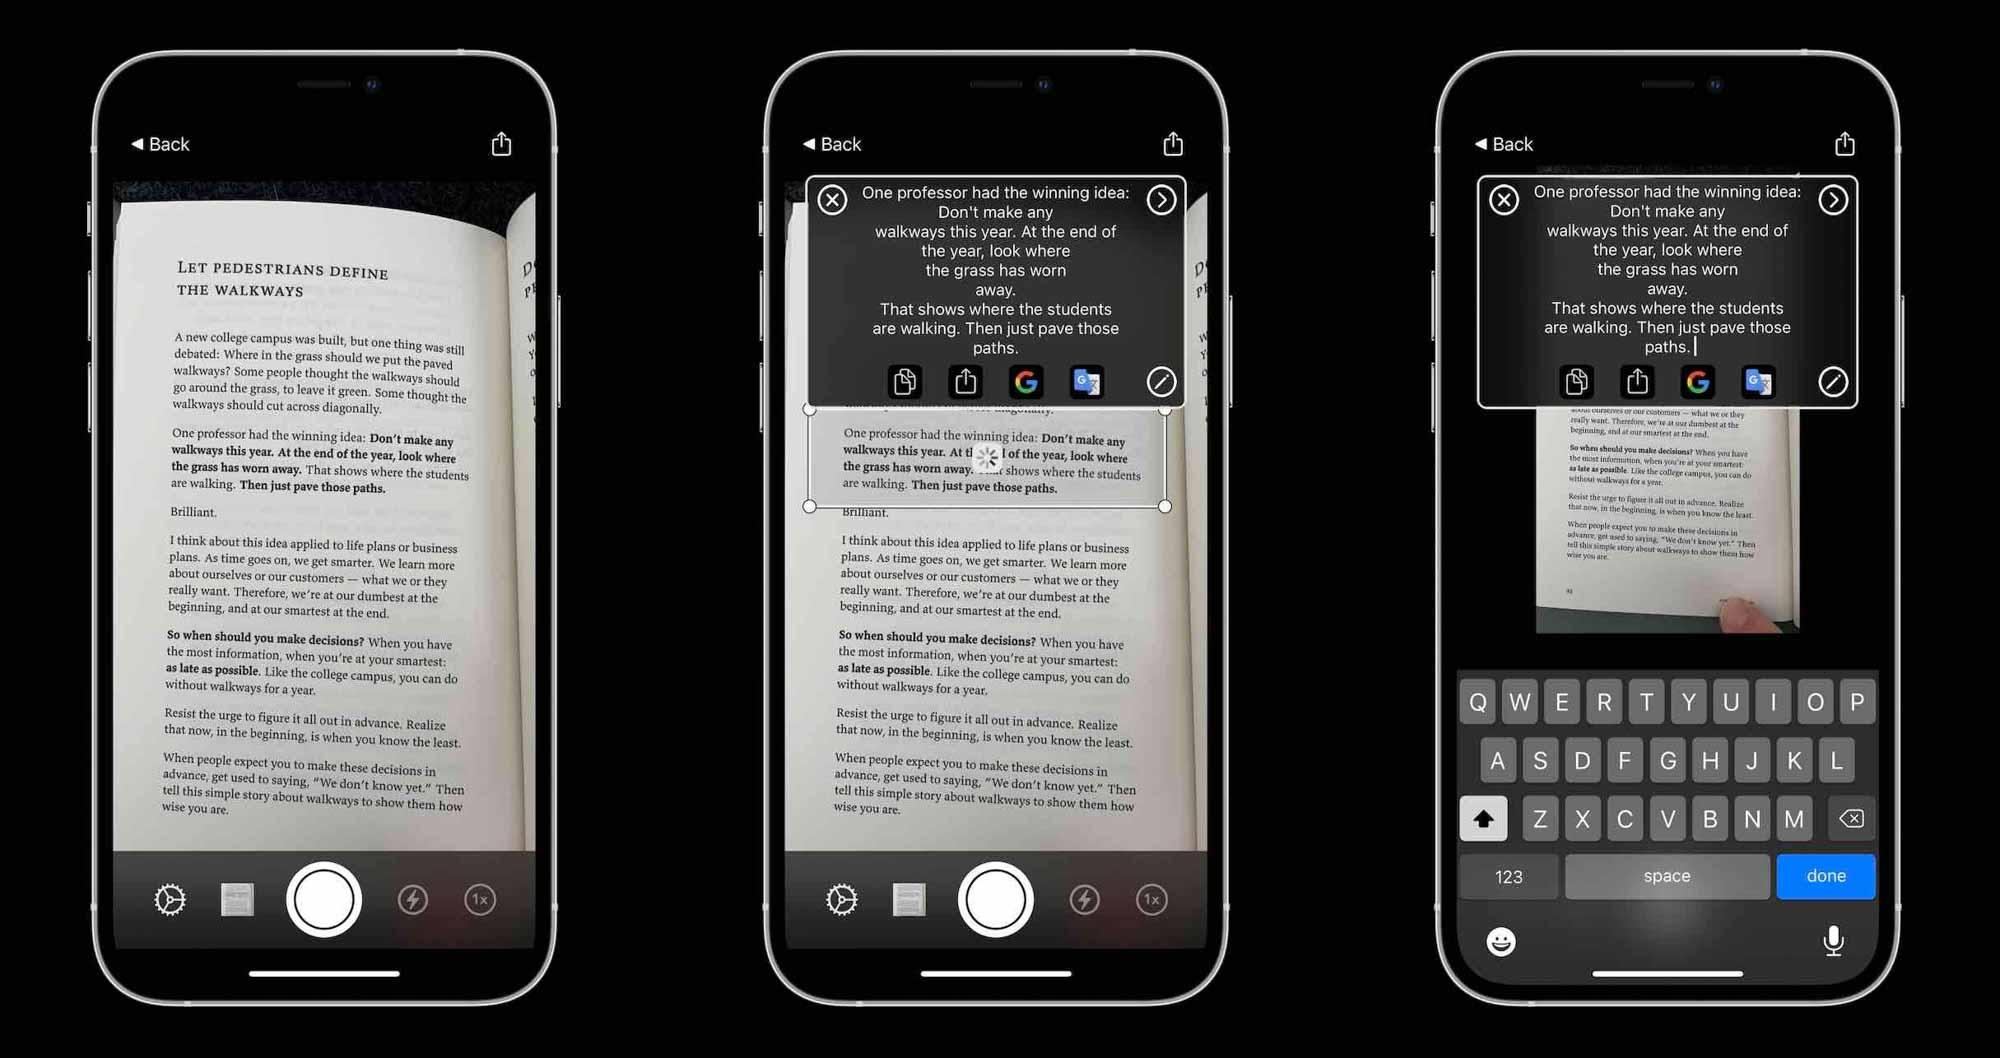 Как преобразовать изображения iPhone в текст - приложение LiveScan